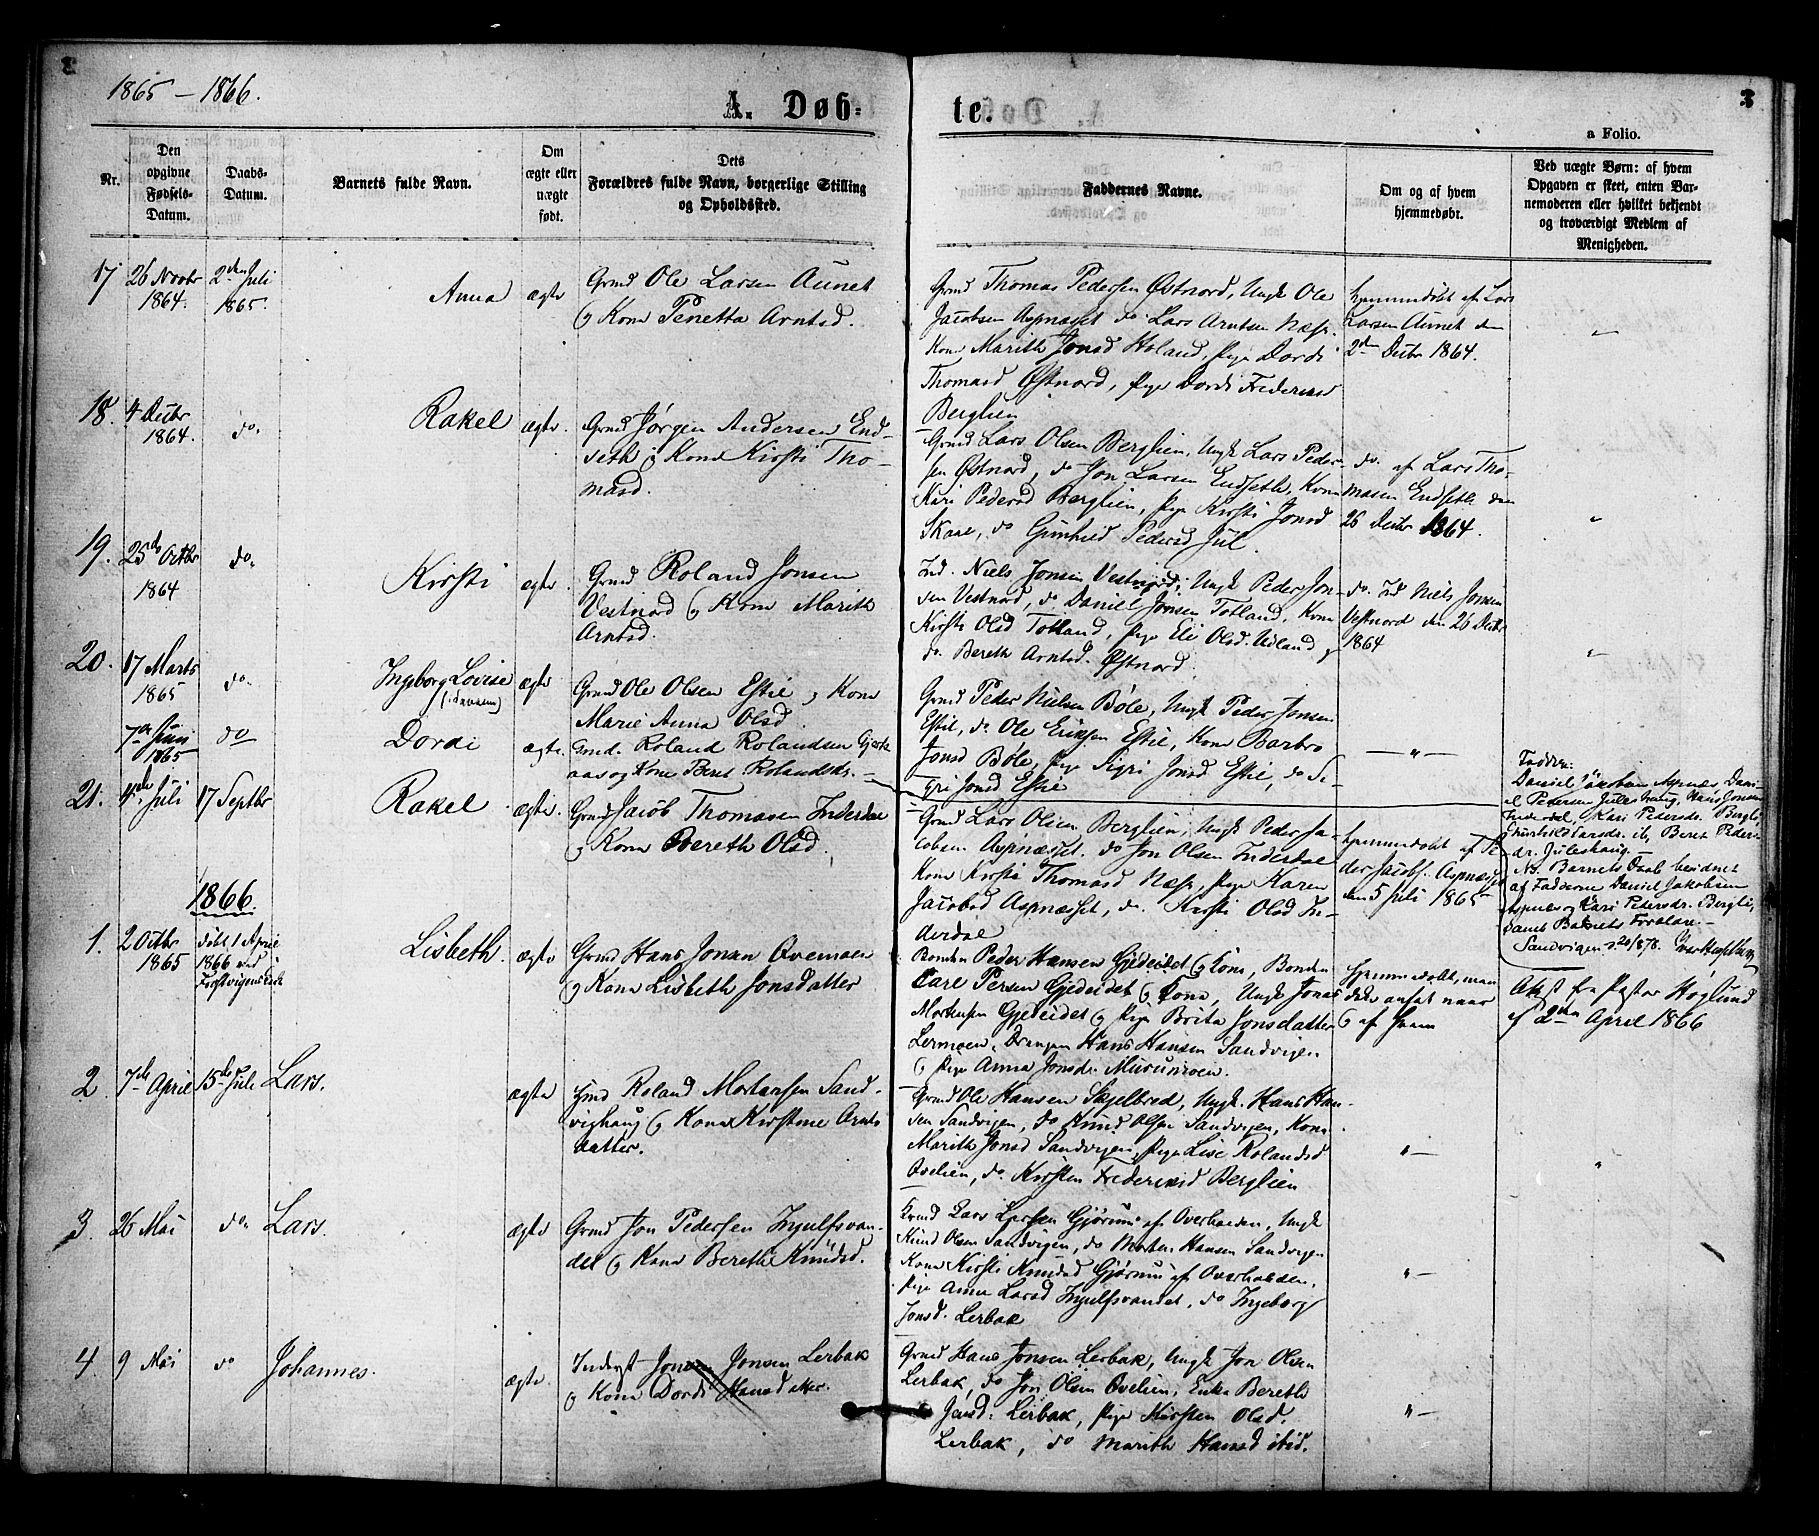 SAT, Ministerialprotokoller, klokkerbøker og fødselsregistre - Nord-Trøndelag, 755/L0493: Ministerialbok nr. 755A02, 1865-1881, s. 3